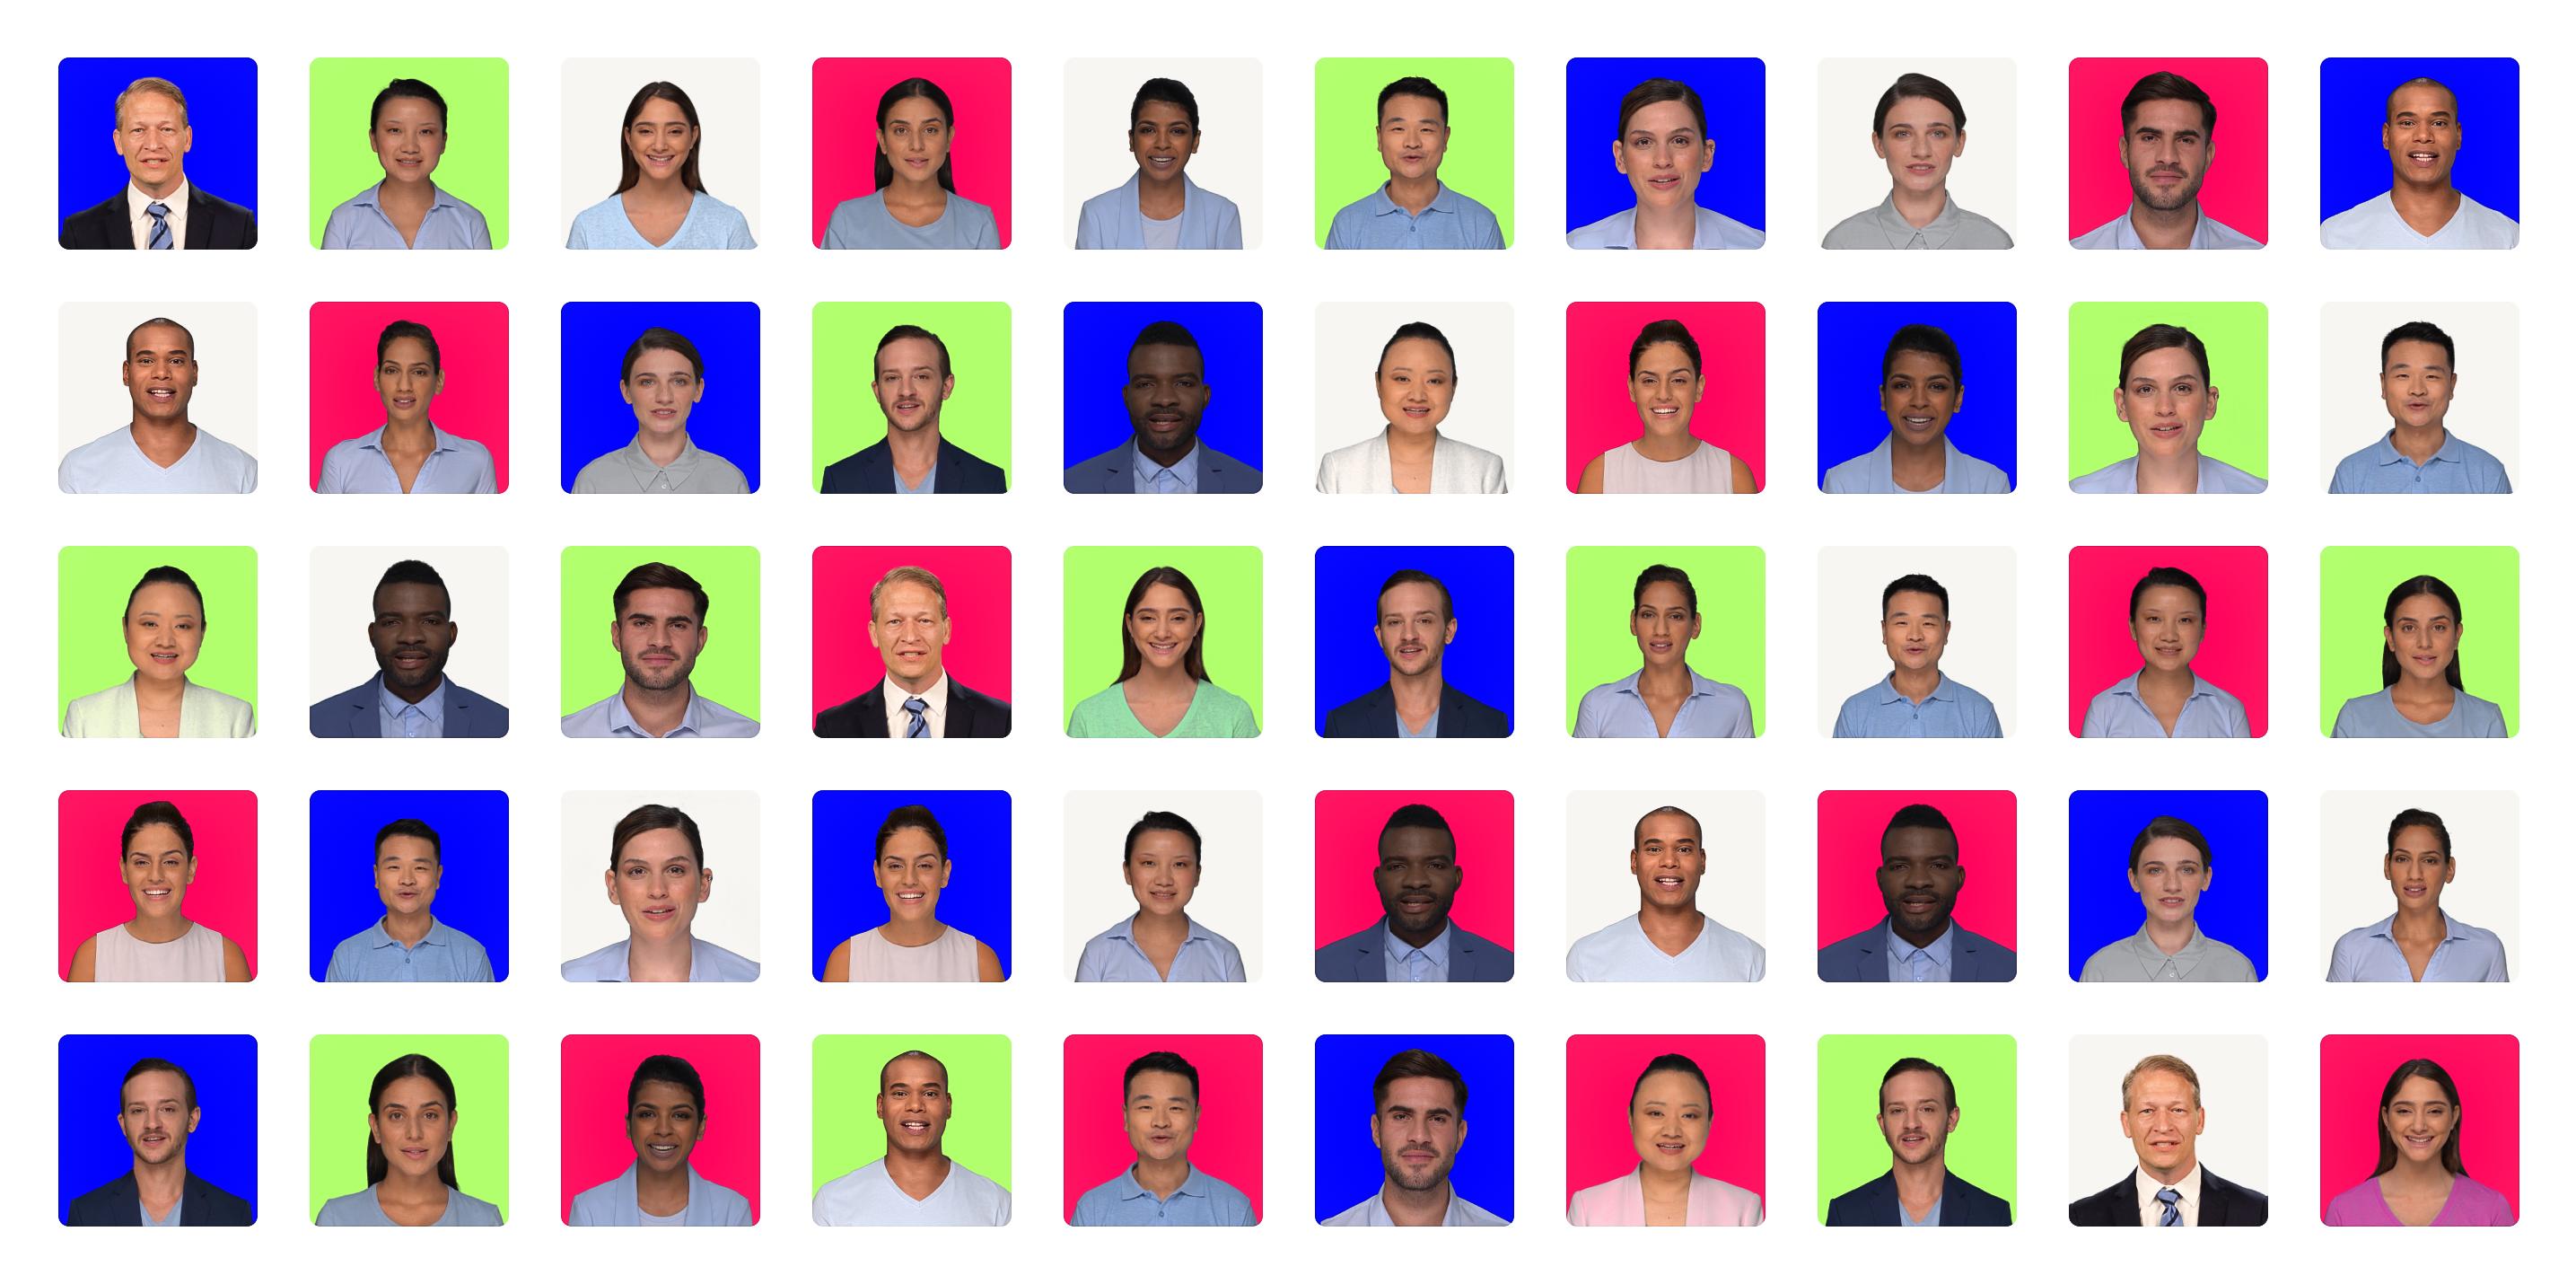 講師・受付に「顔」貸出、デジタル版コピーロボビジネスが拡大中